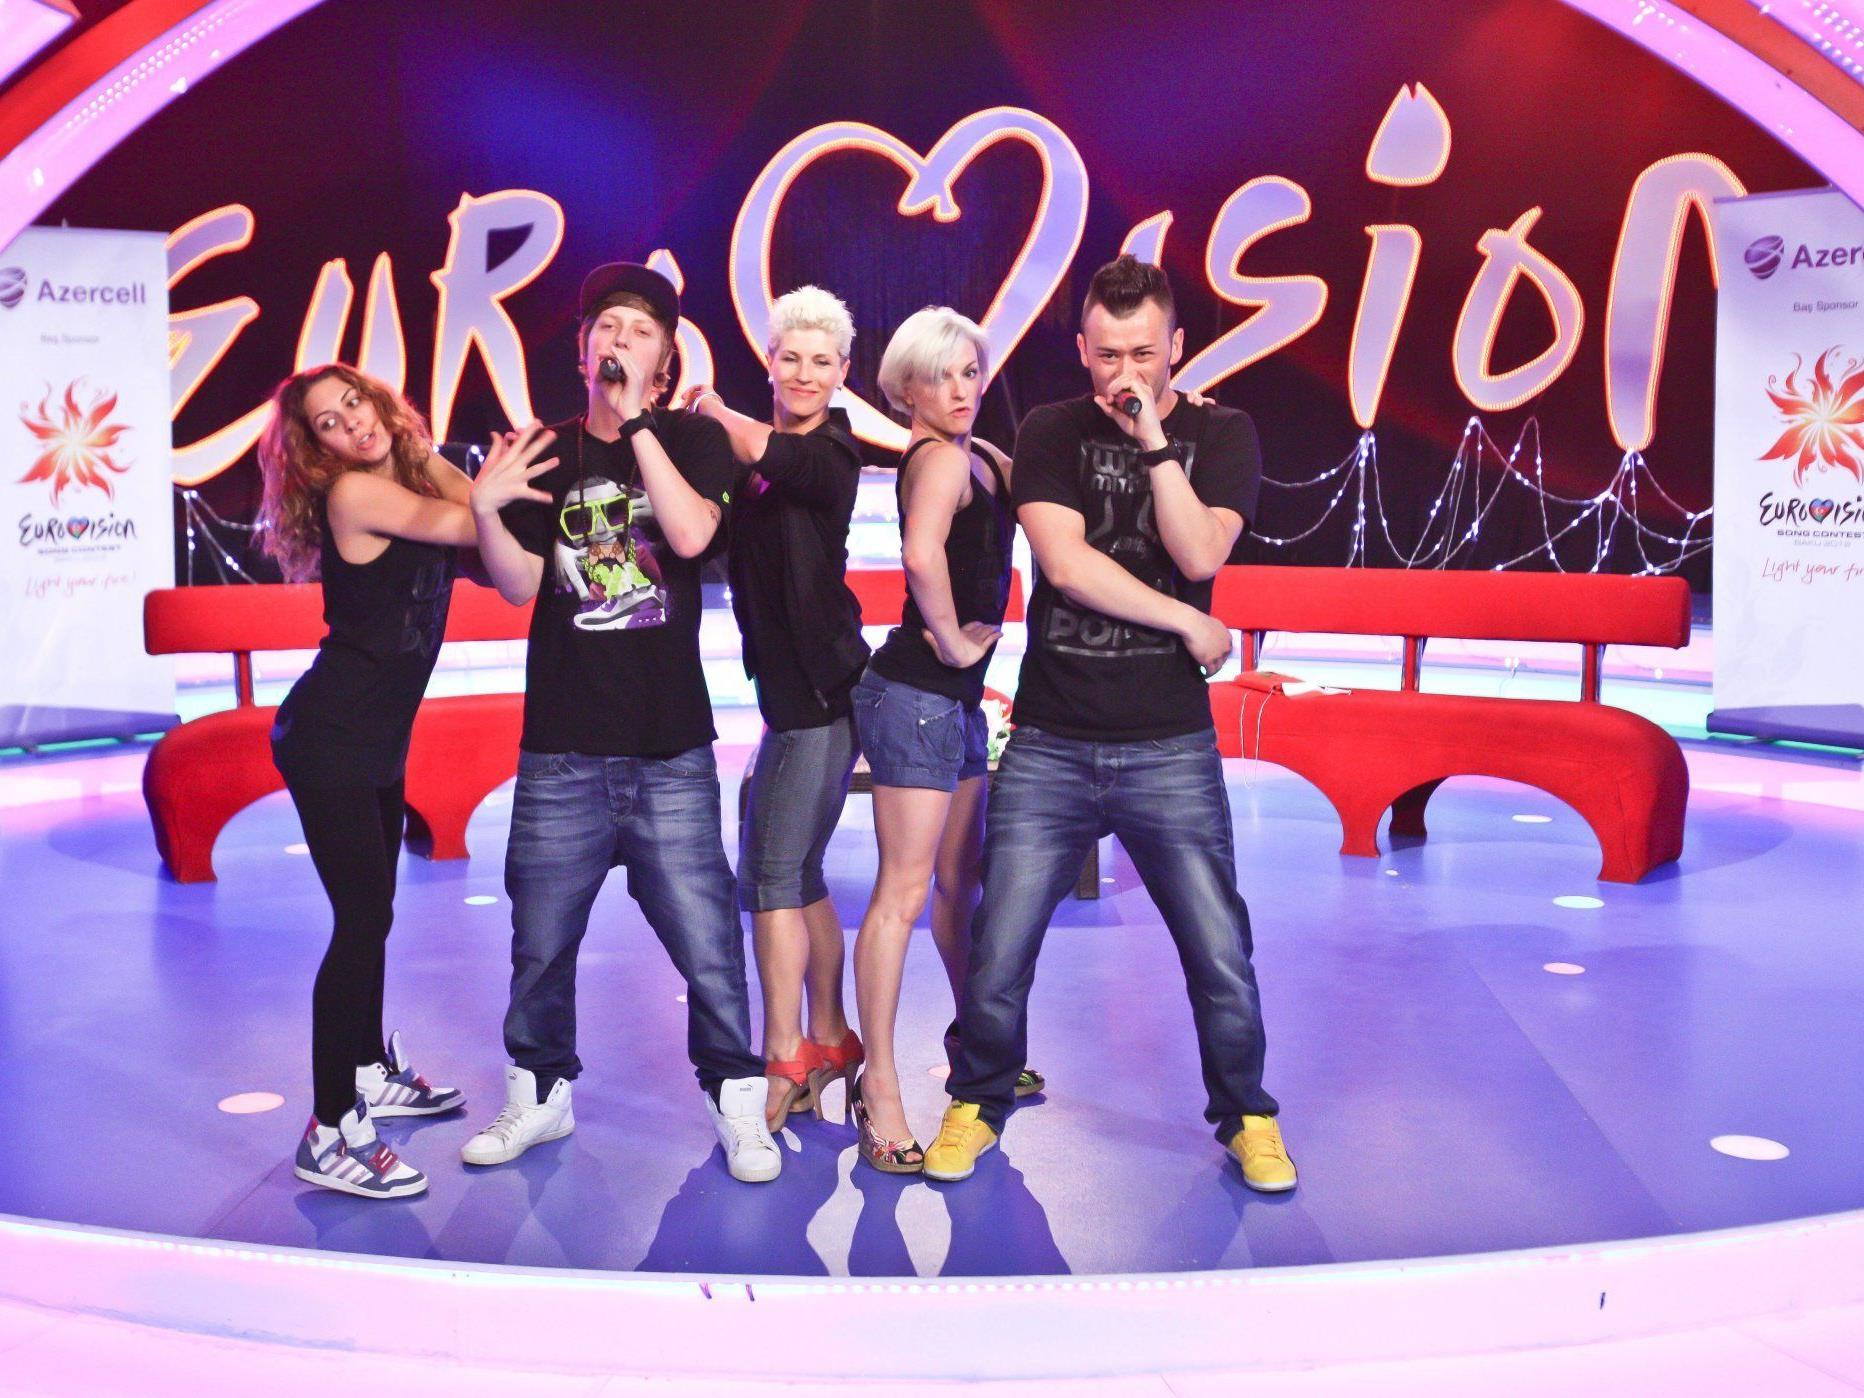 Die Trackshittaz wollen in der ersten Runde des Song Contest 2012 in Baku gute Figur machen.